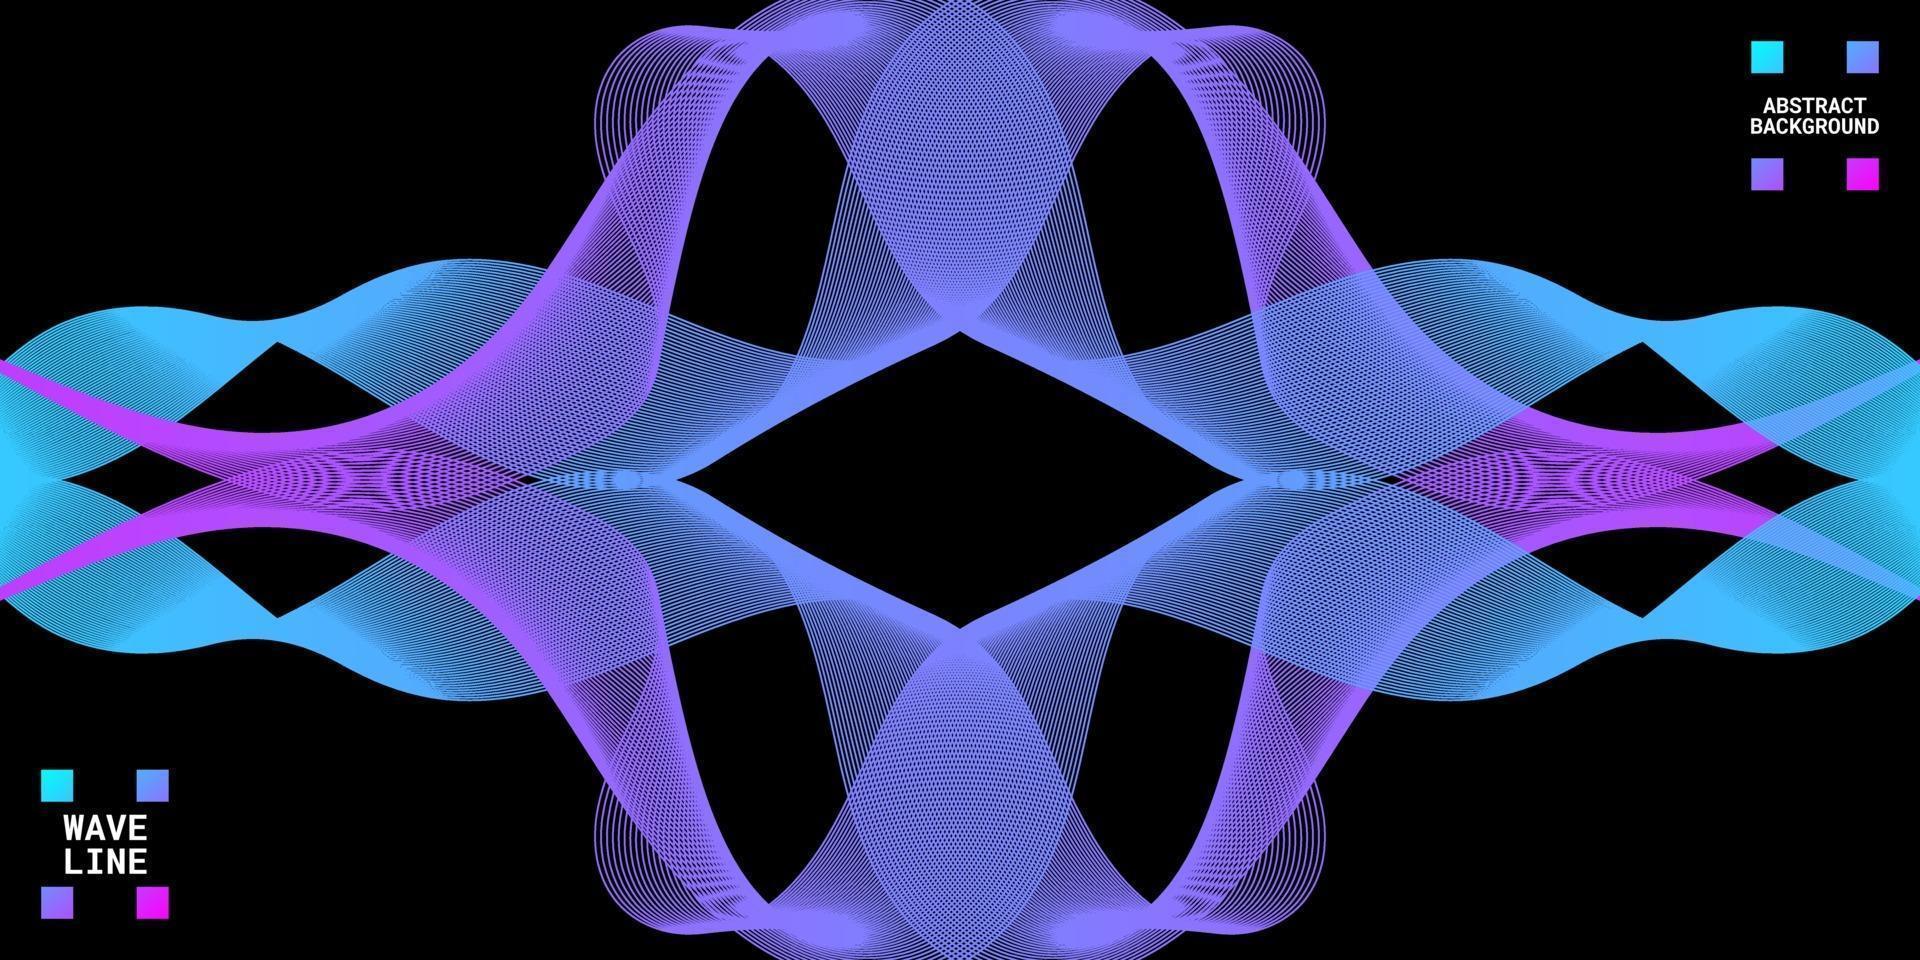 modern abstrakt bakgrund med vågiga linjer färgglada. vektor